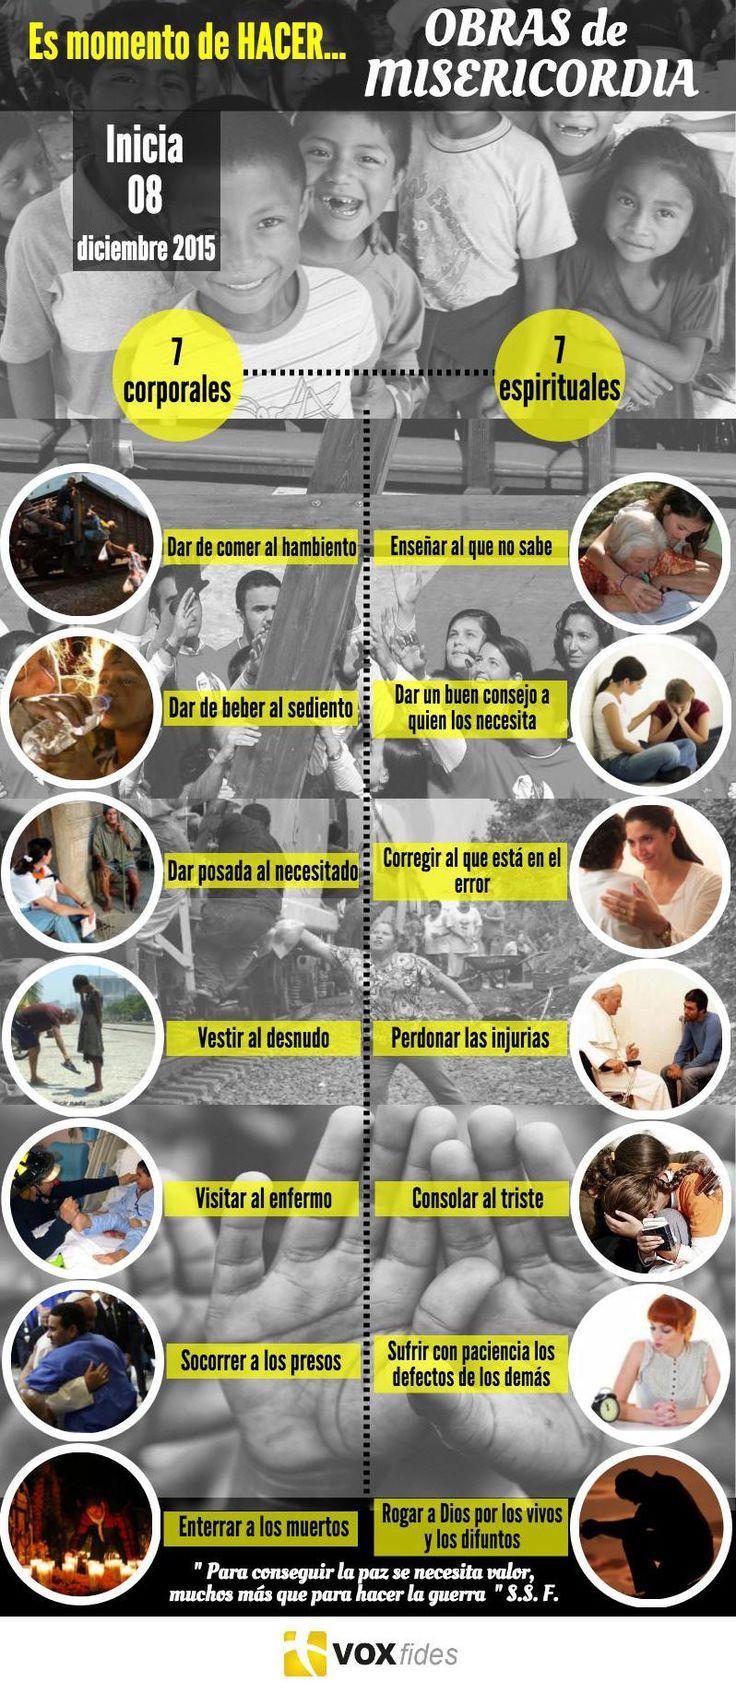 Catholic.net - Las 14 Obras que puedes realizar en el Año de la Misericordia